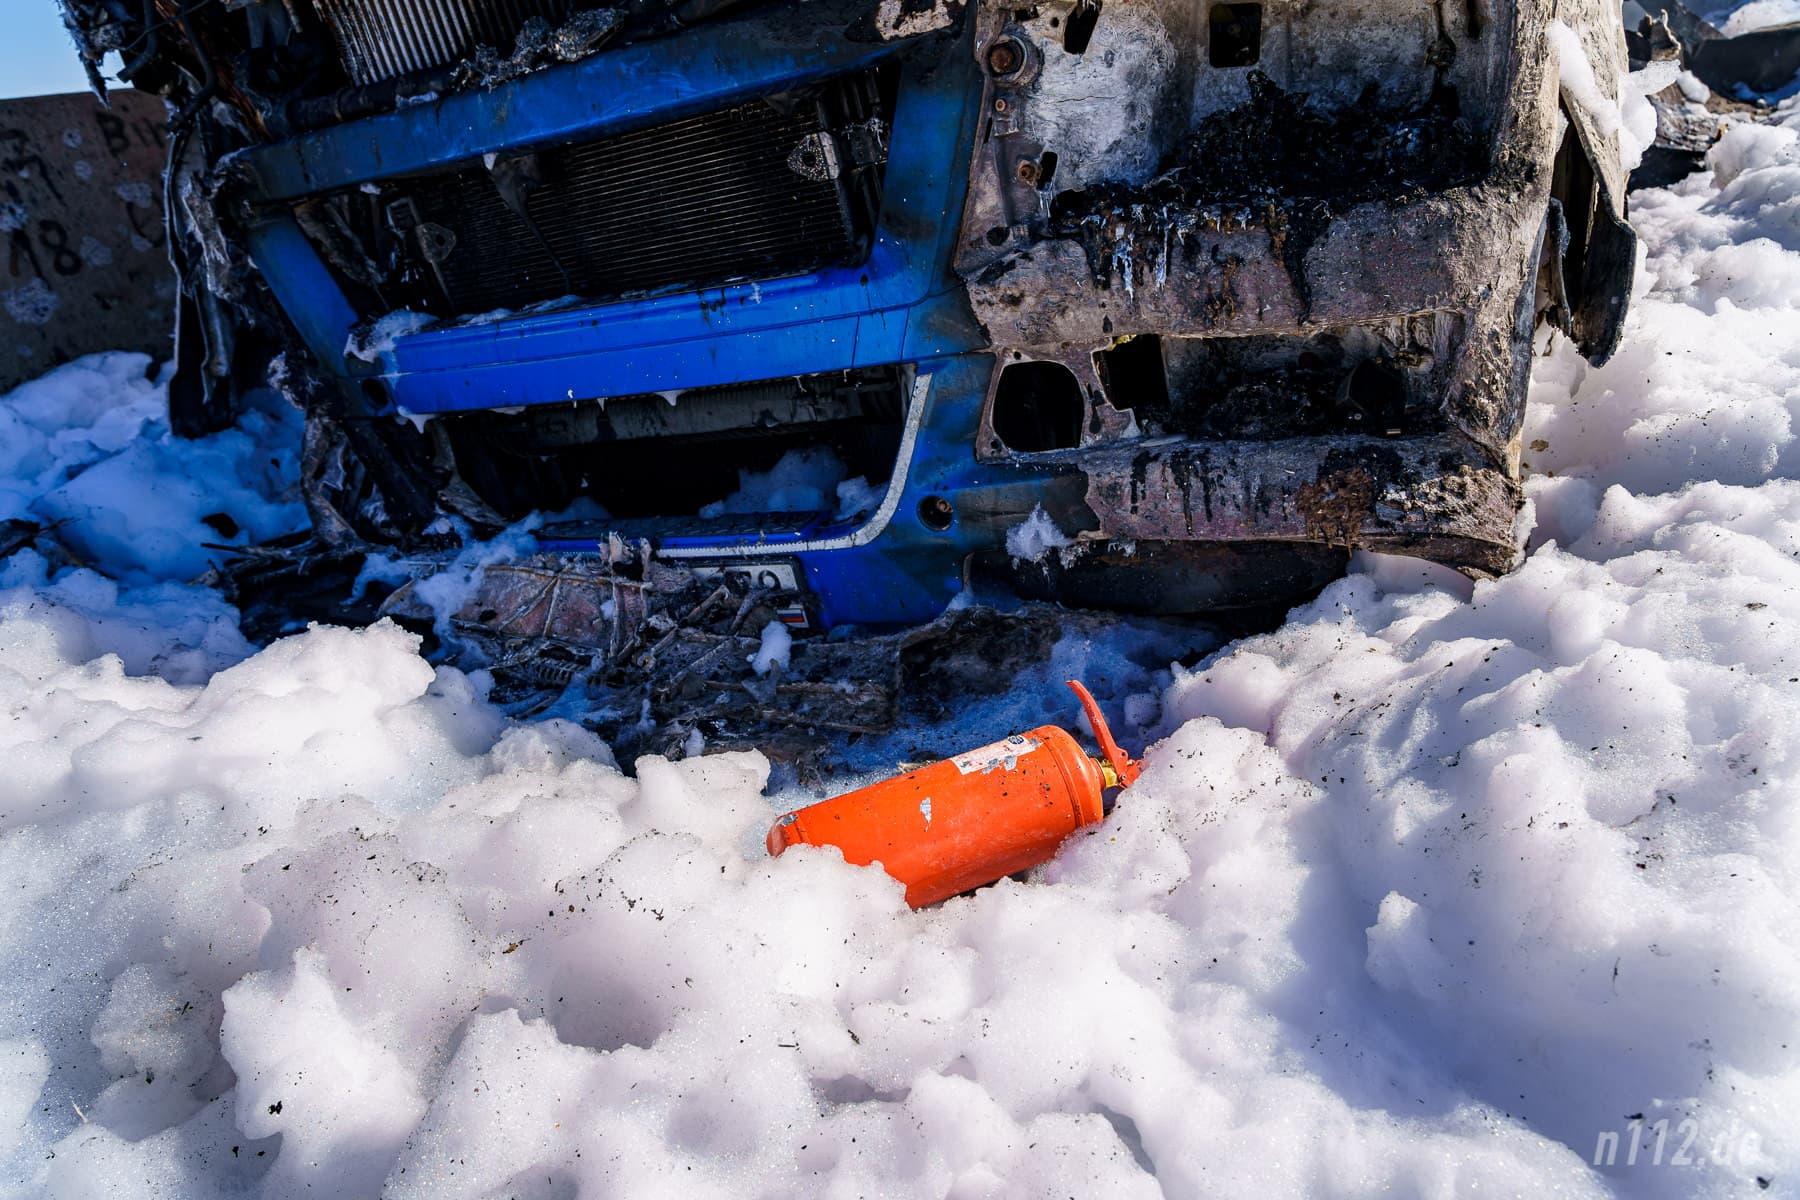 Ein Feuerlöscher liegt vor der ausgebrannten Zugmaschine (Foto: n112.de/Stefan Simonsen)